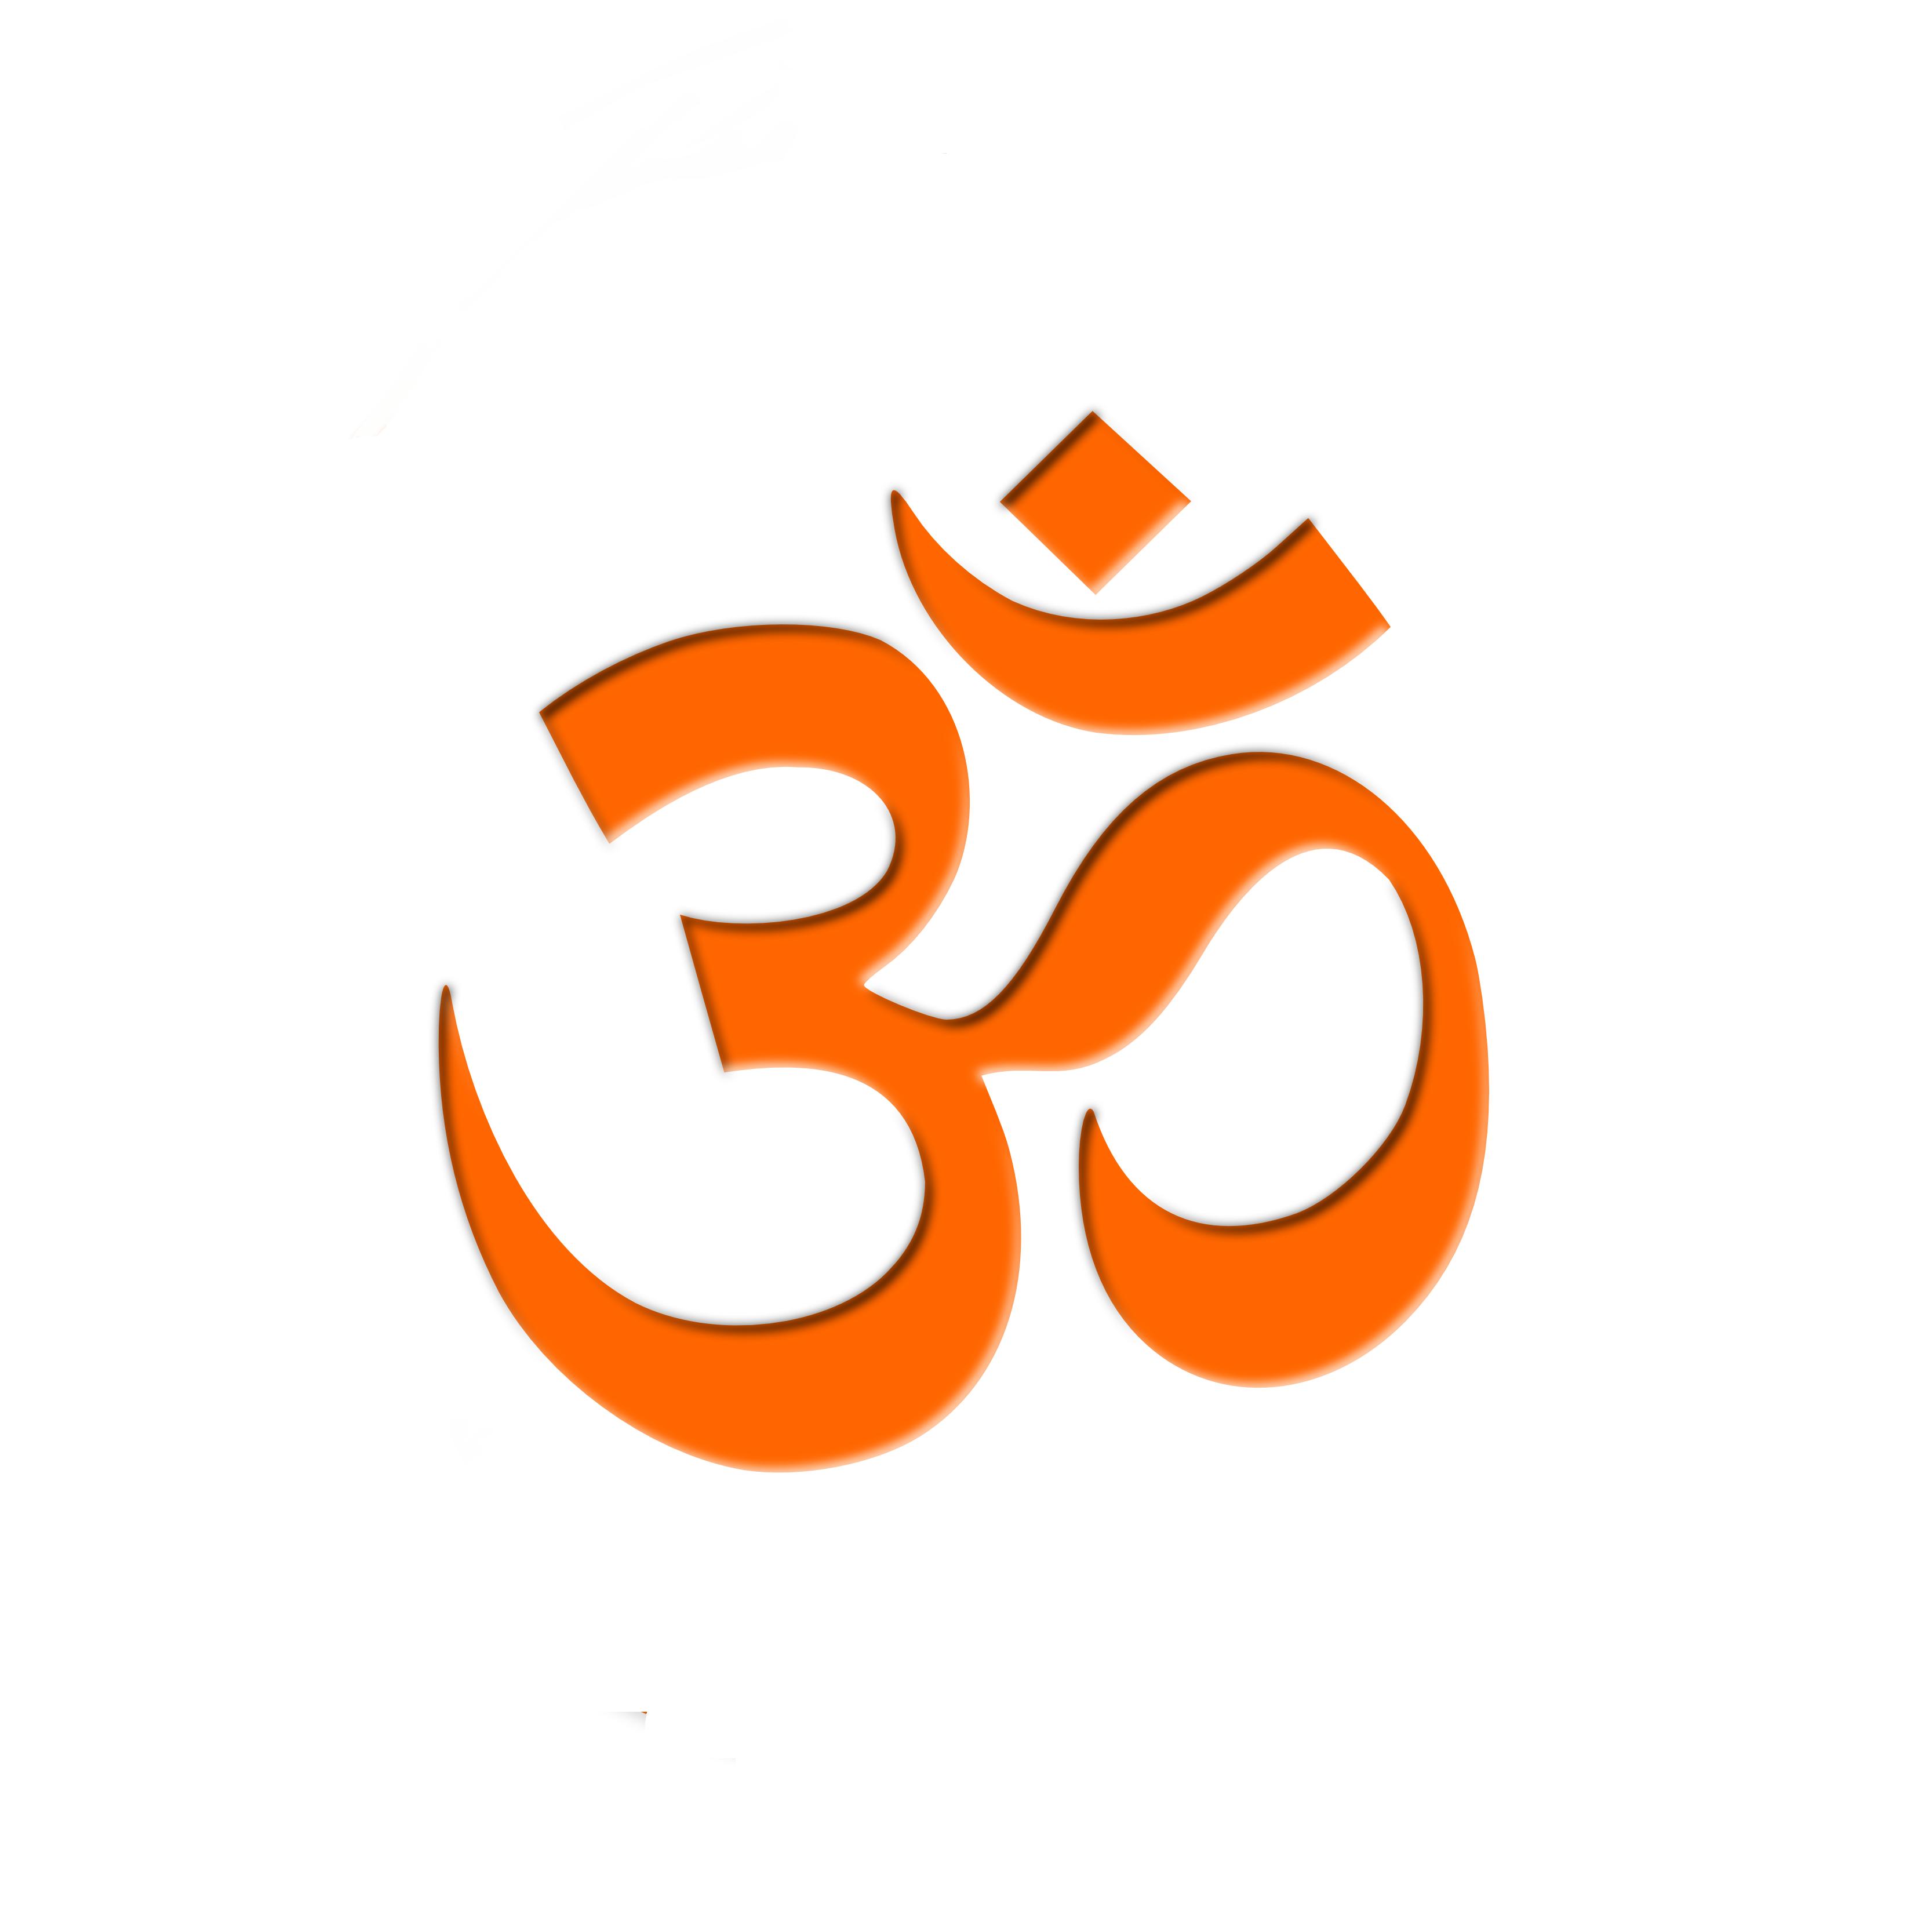 File om Om symbol images